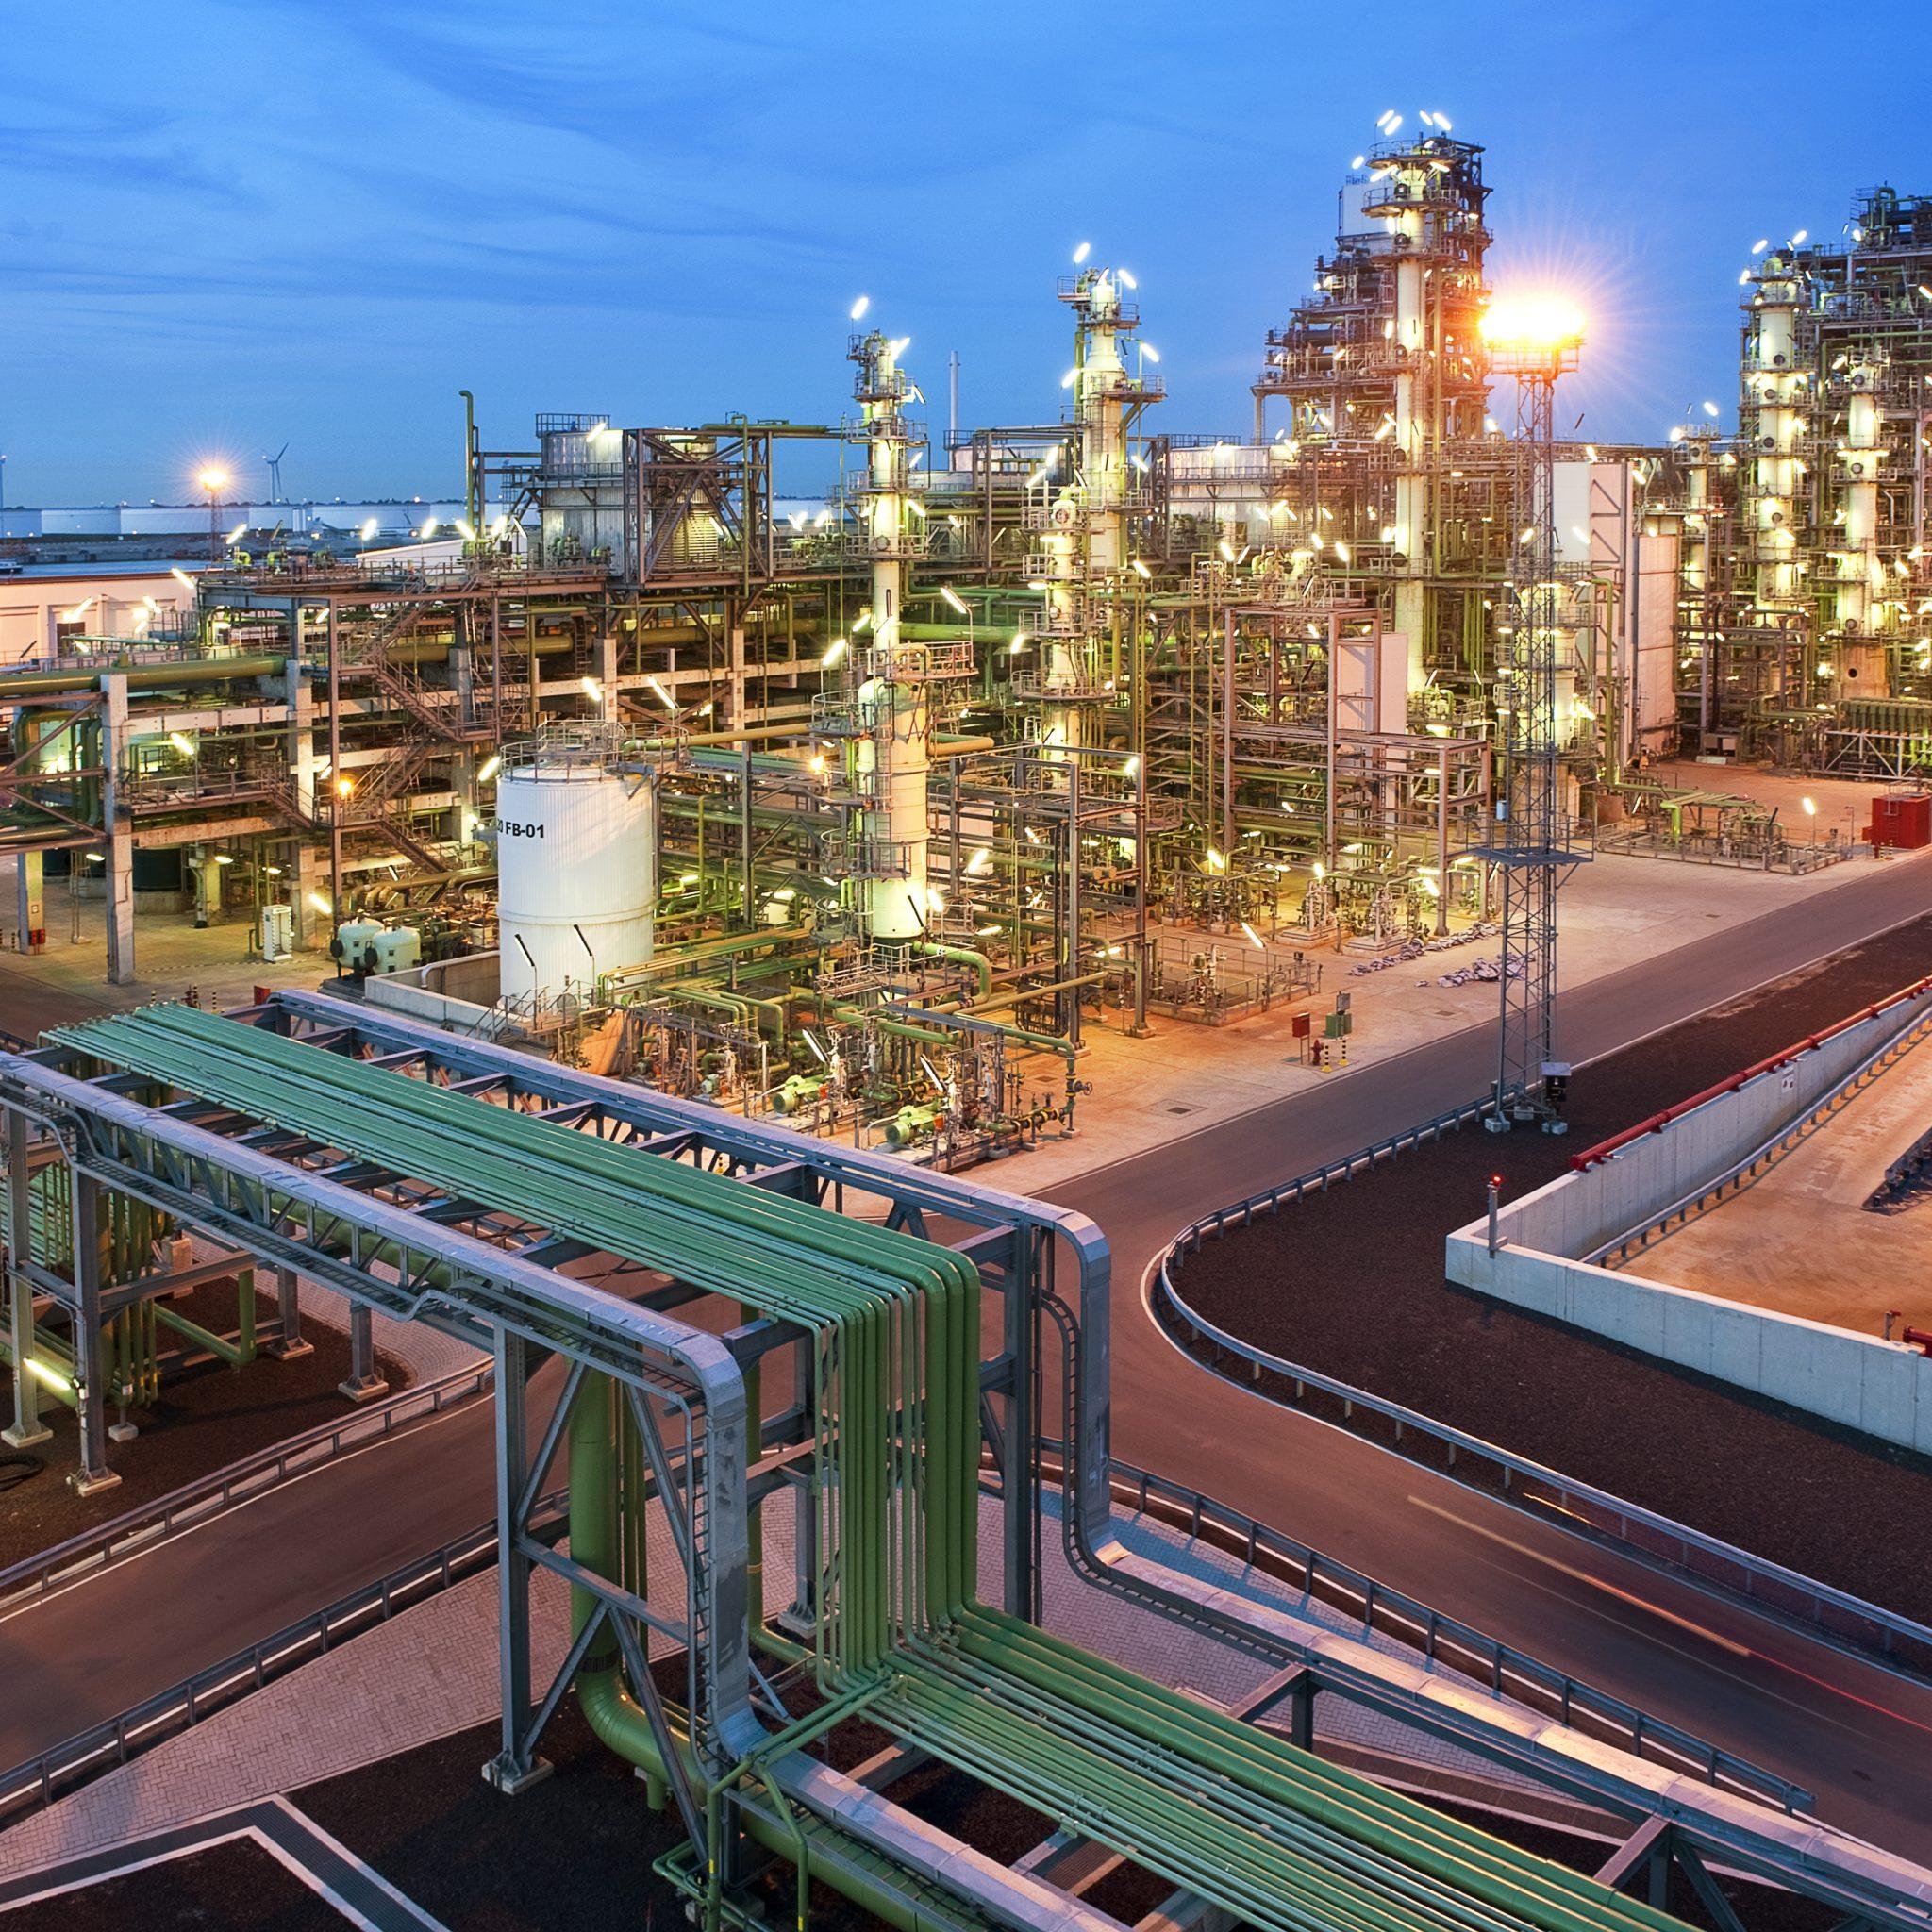 De raffinaderij van Neste op de Maasvlakte. (Foto Neste)